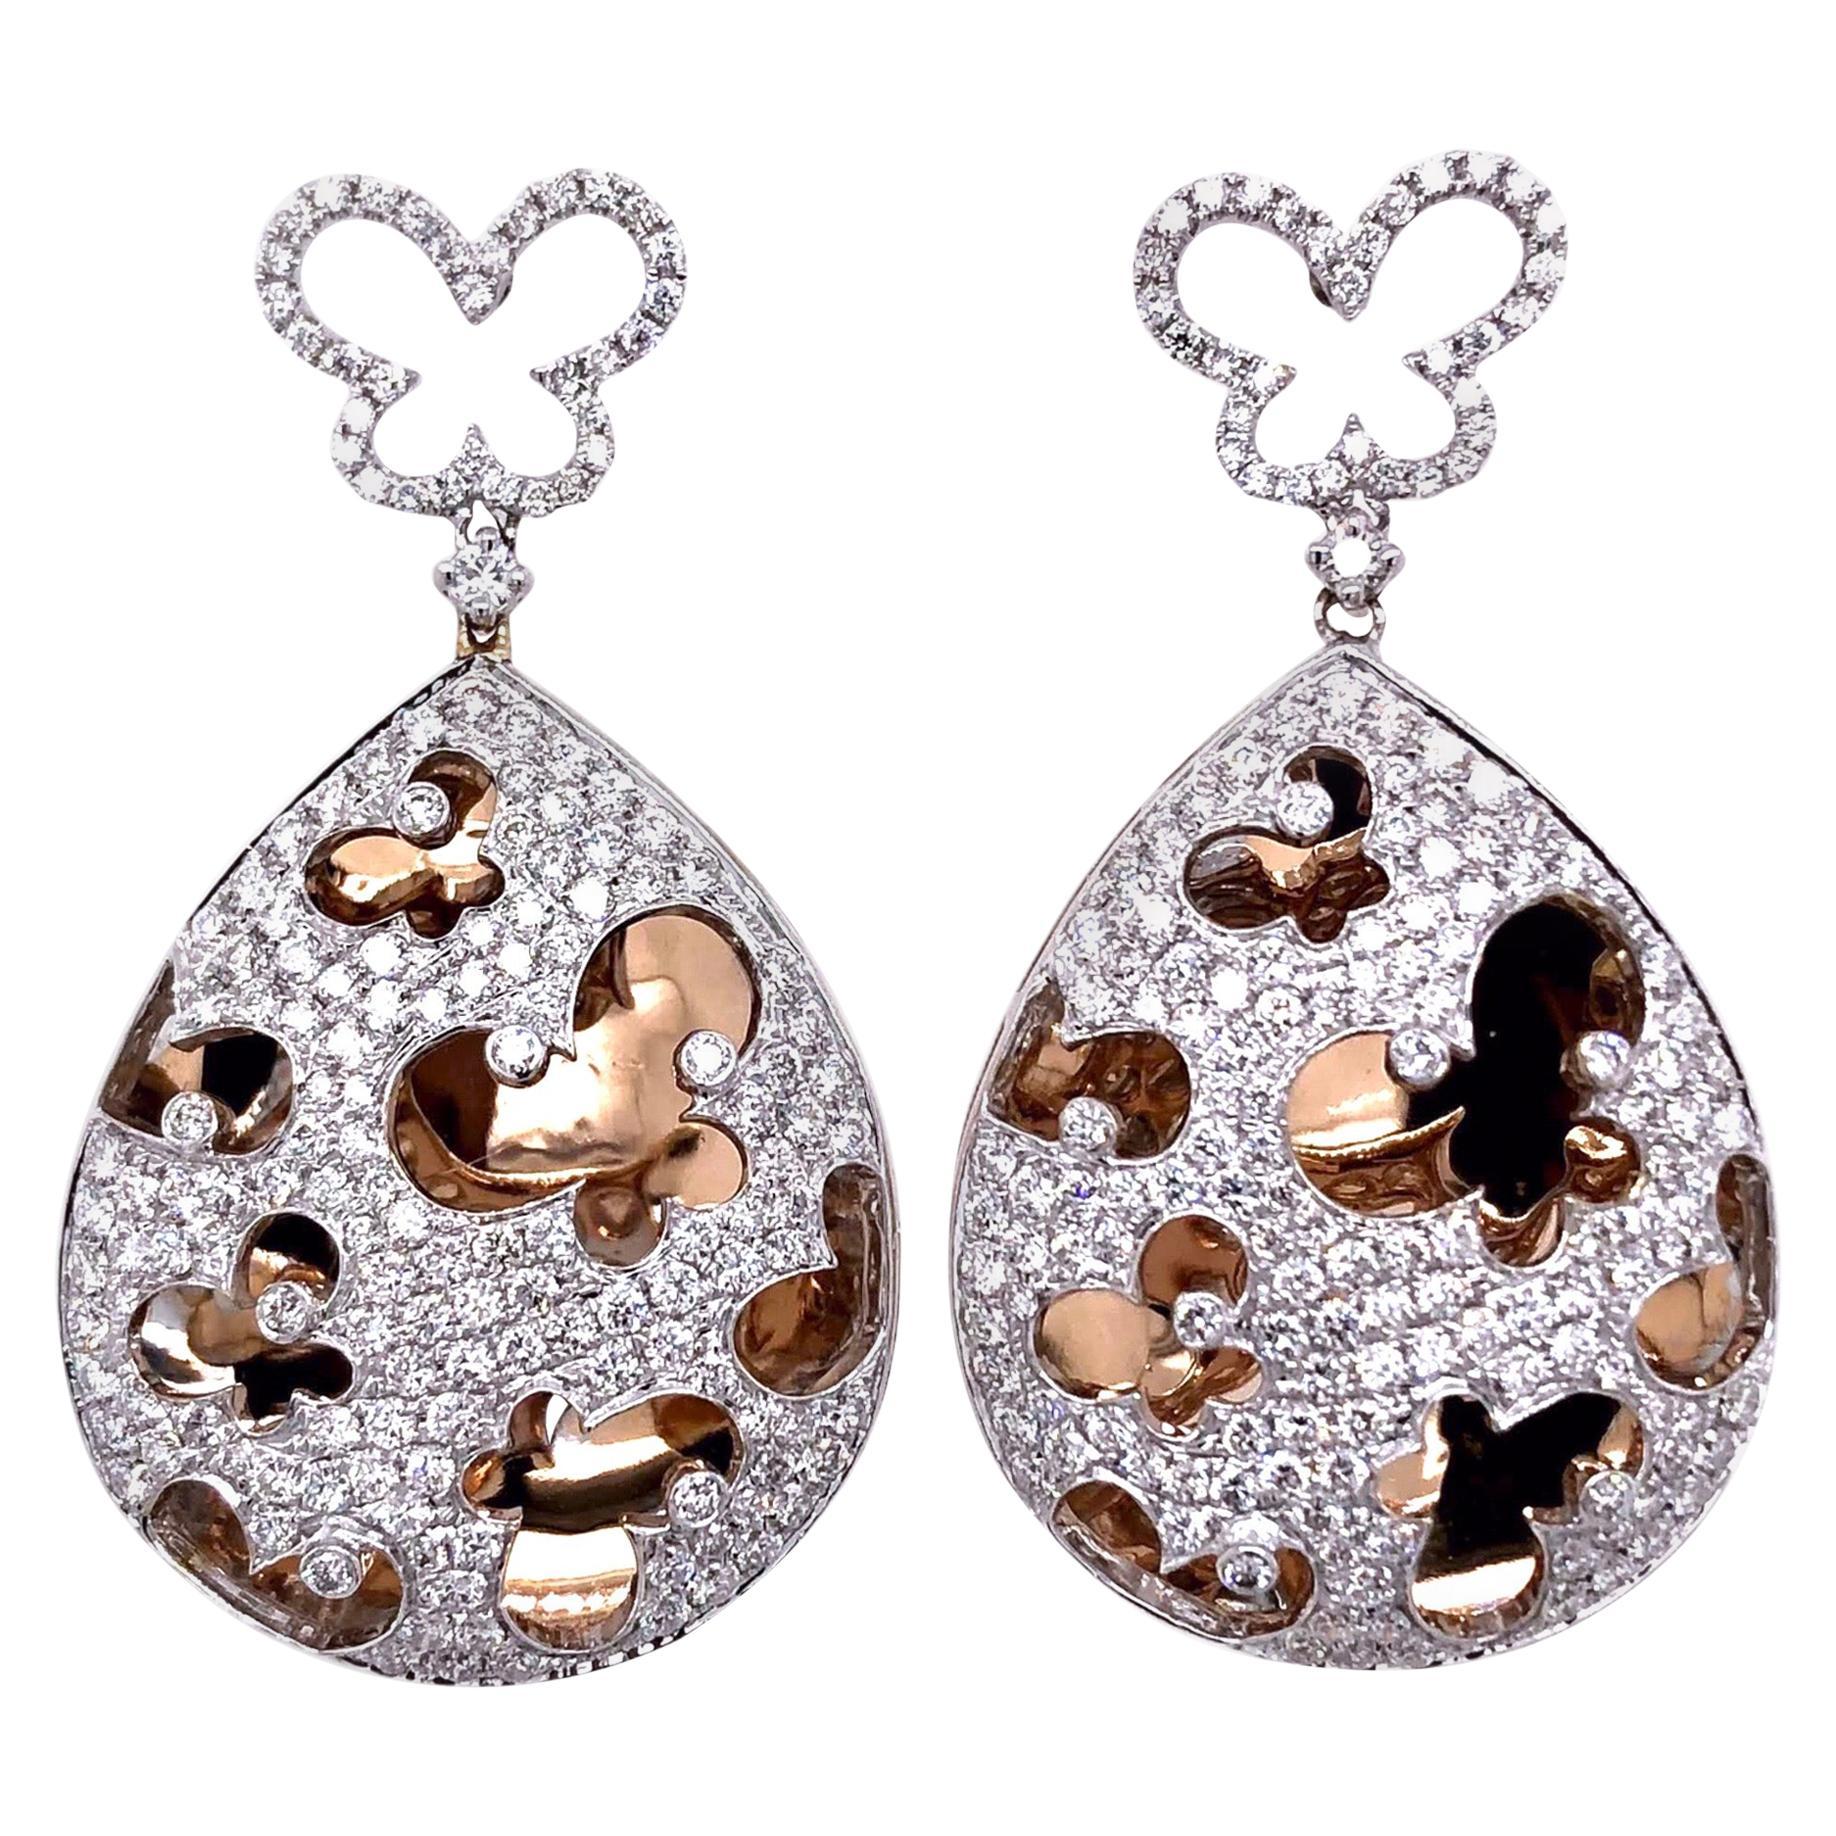 Paris Craft House Diamond Earrings in 18 Karat White/Rose Gold